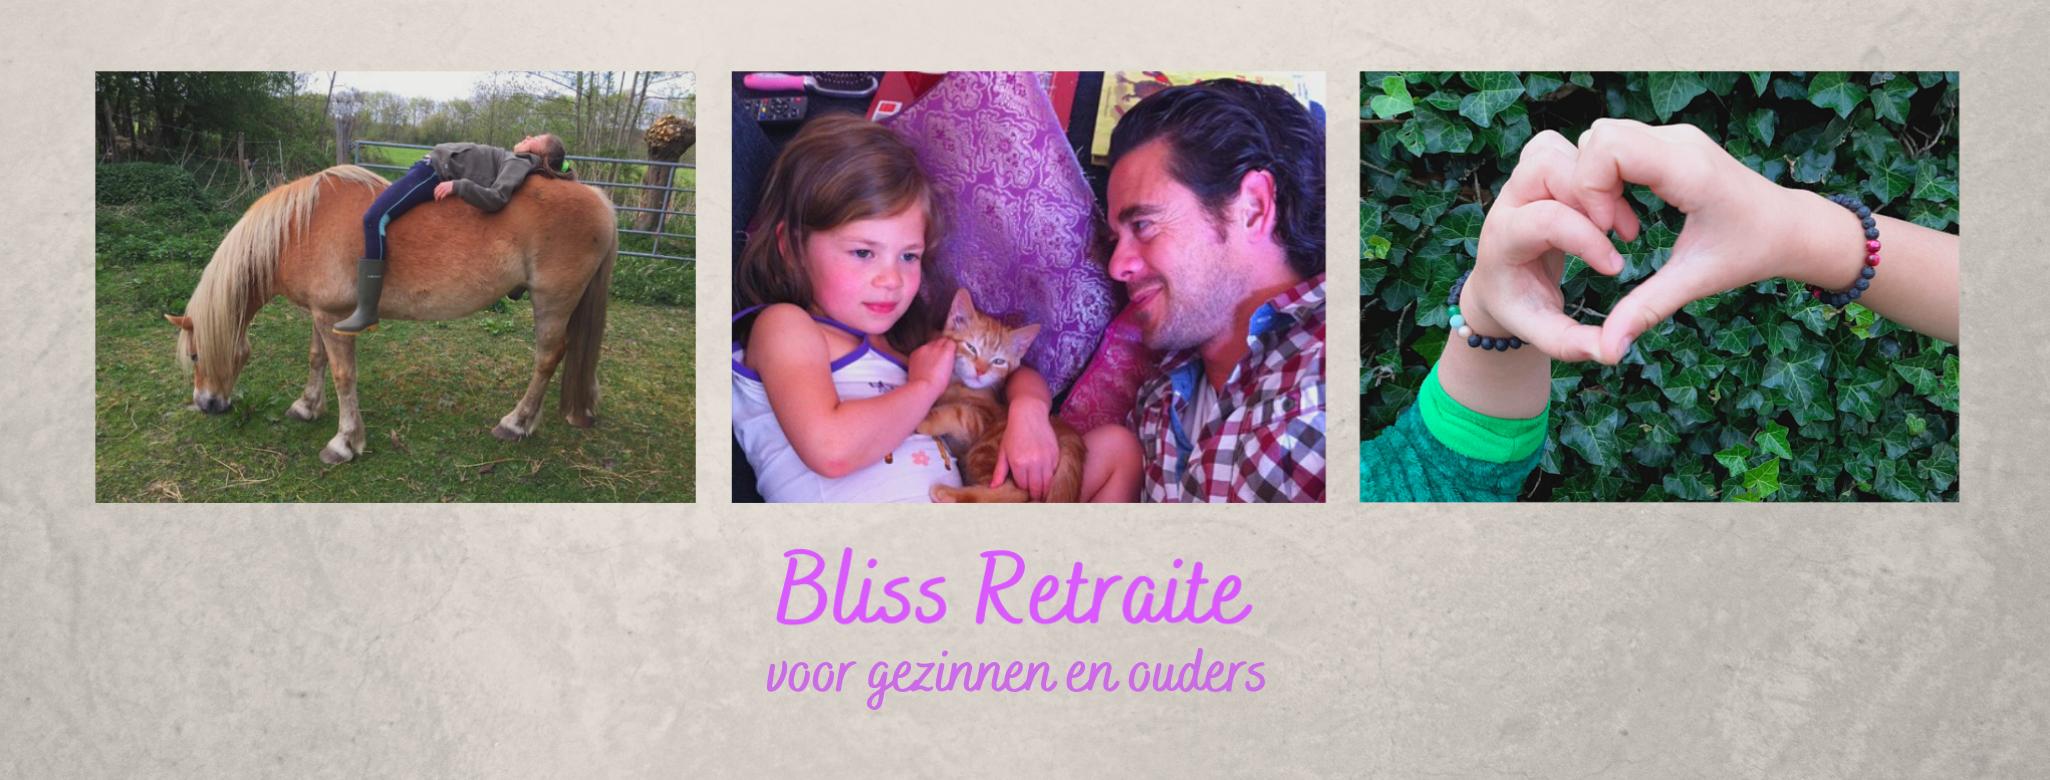 Bliss Retraites - voor gezinnen en ouders